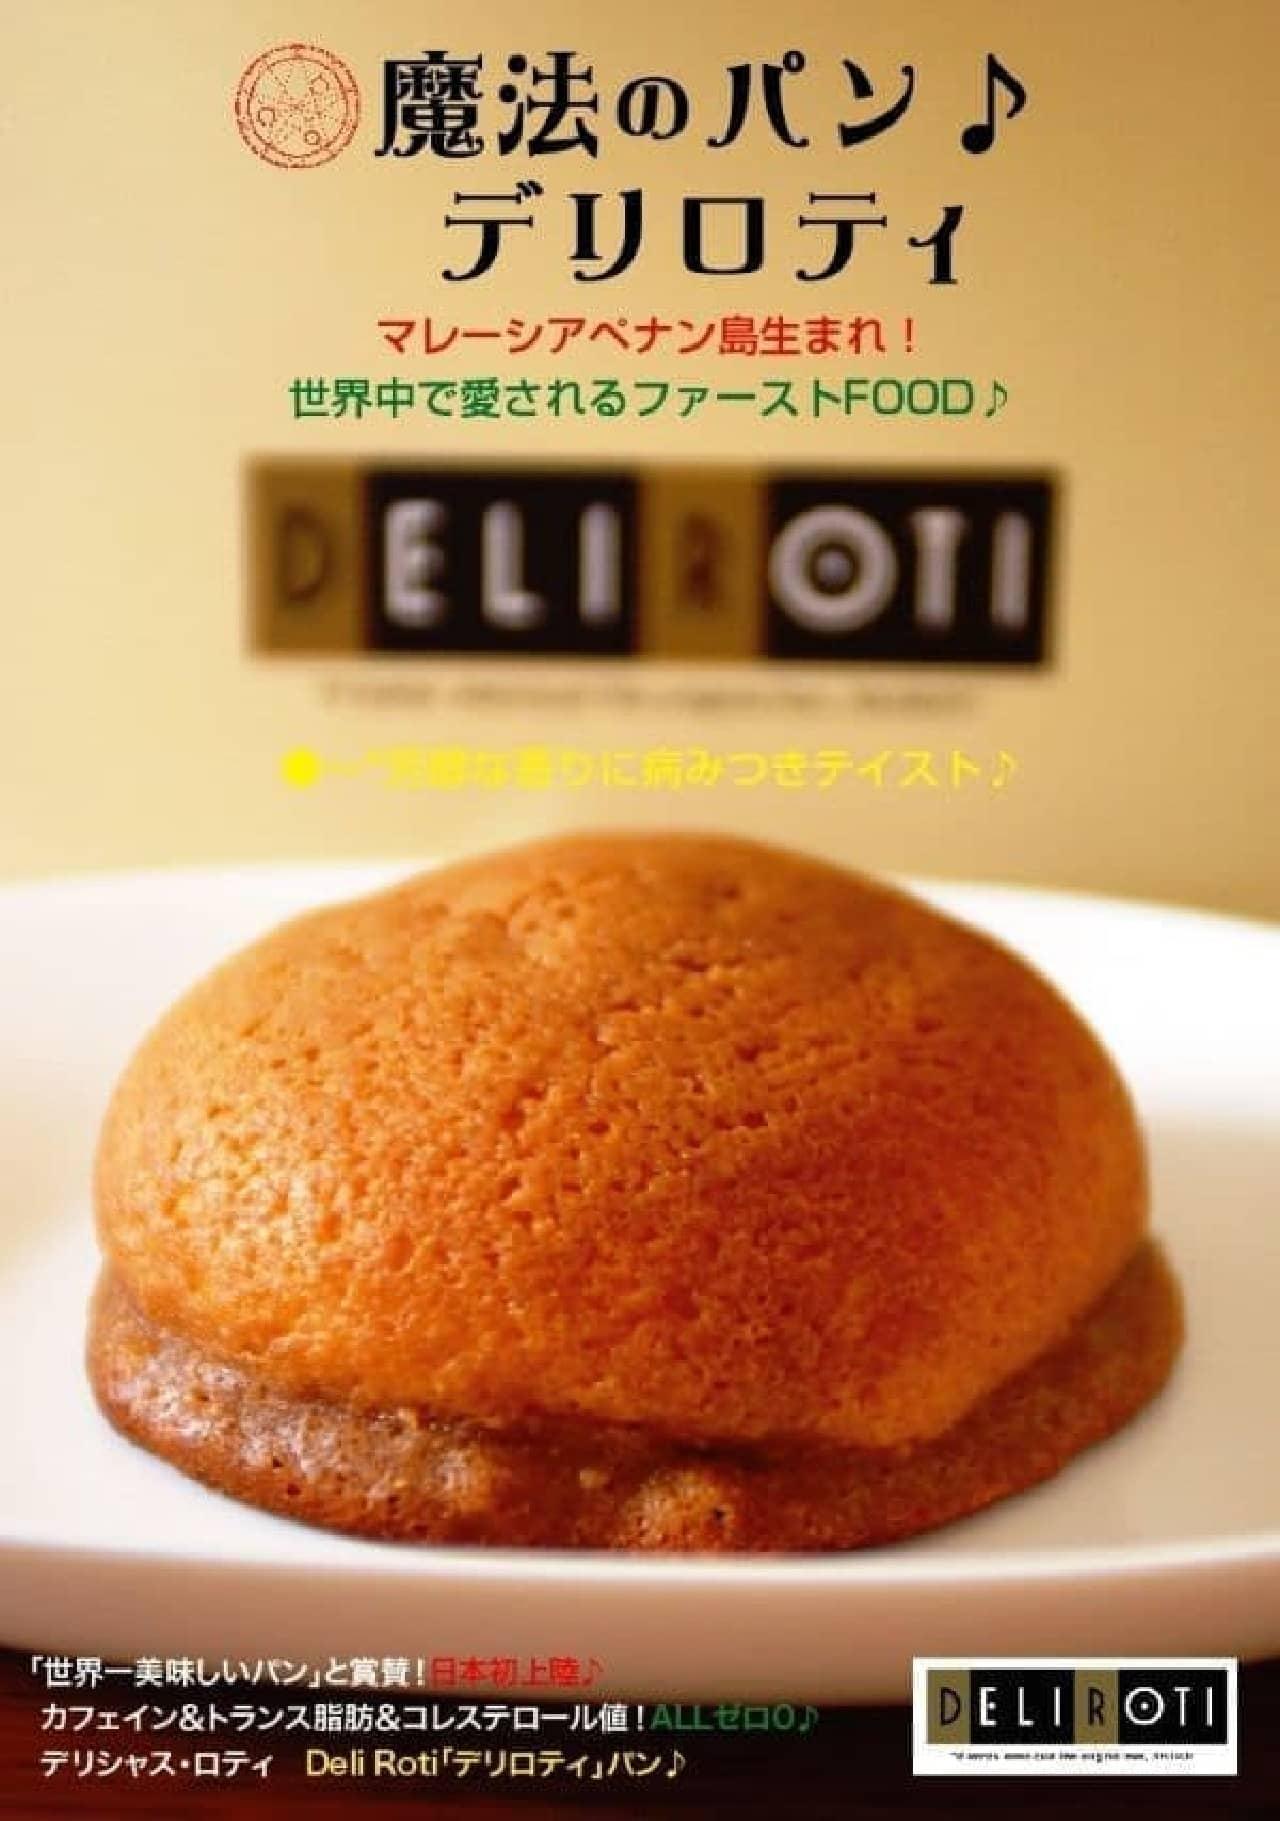 世界一美味しい?魔法のパン「デリロティ」を羽田空港「スカイルーム」で販売開始!